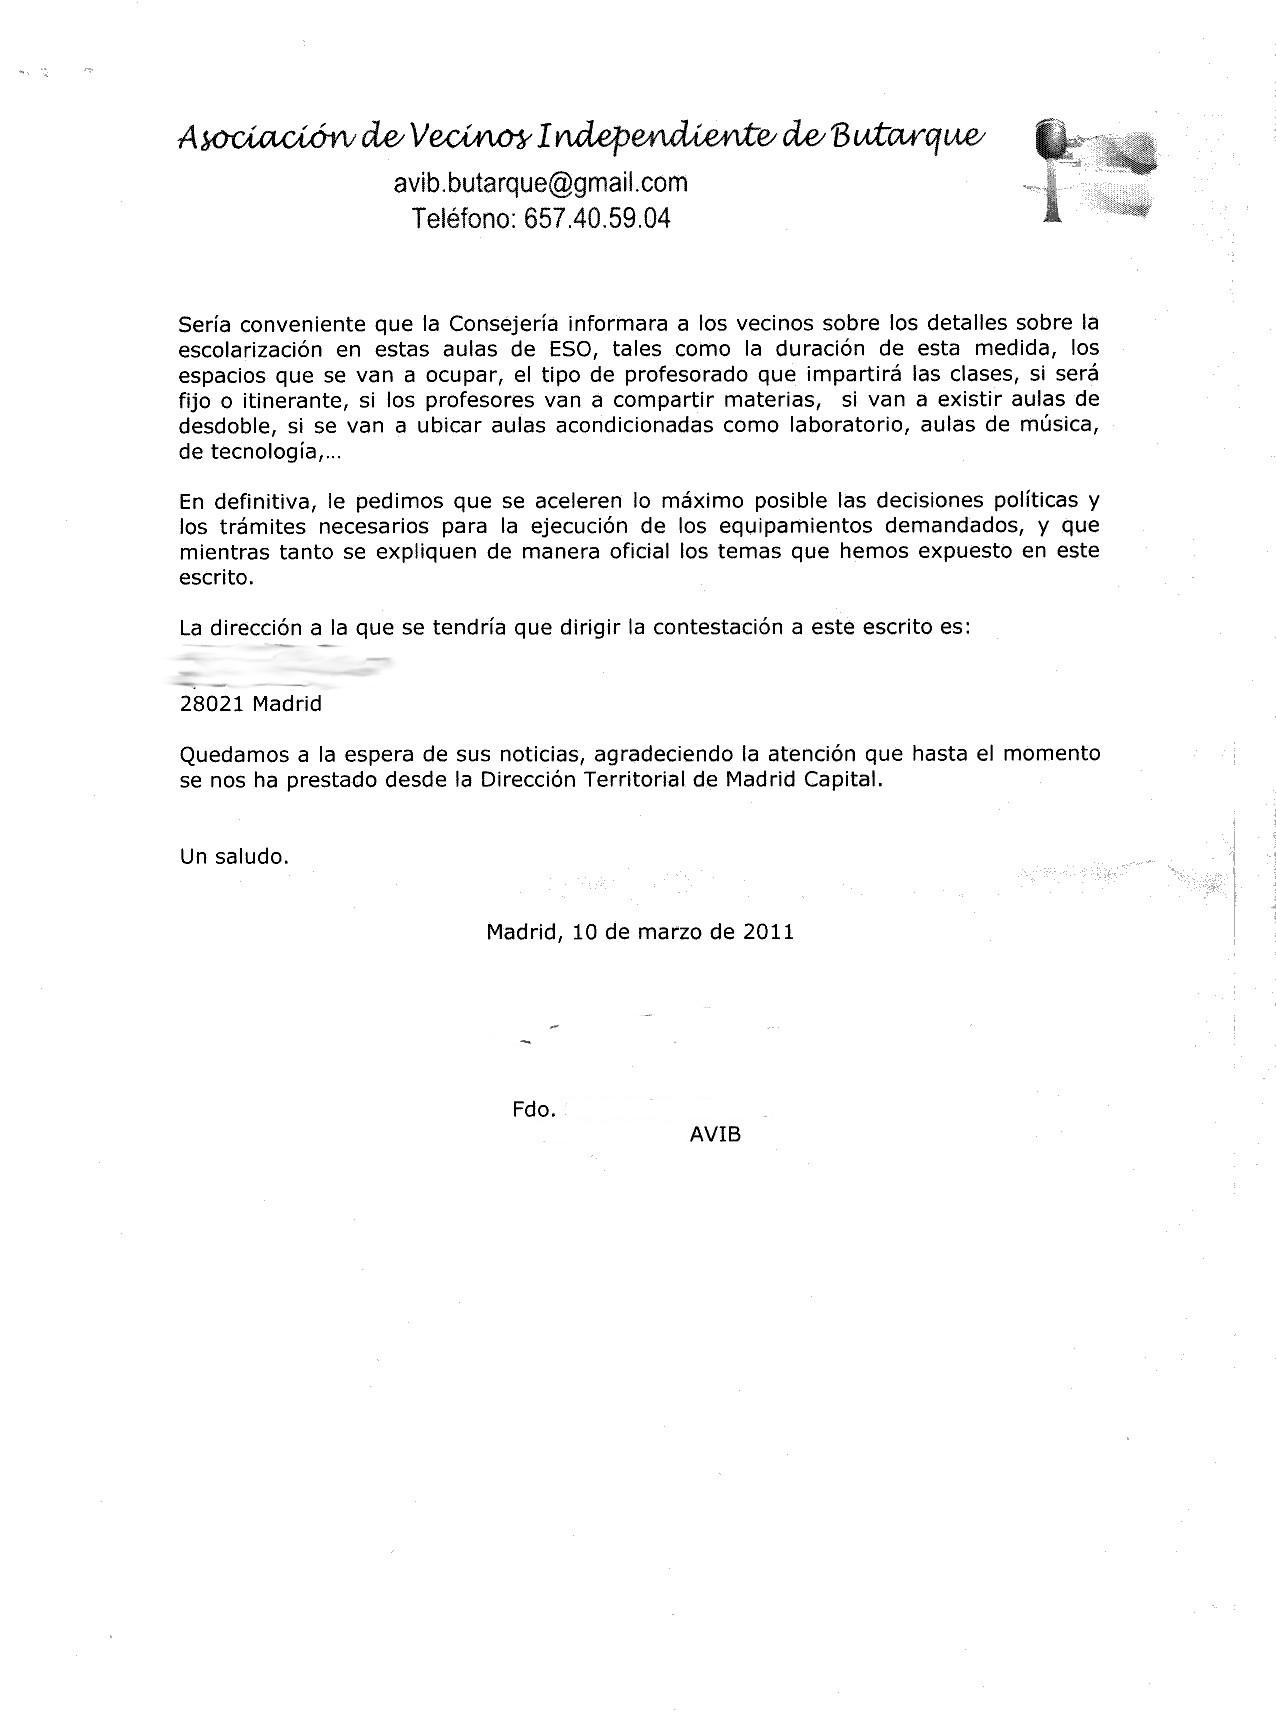 Peticion_para_acelerar_equipamientos_educativos-1.jpg